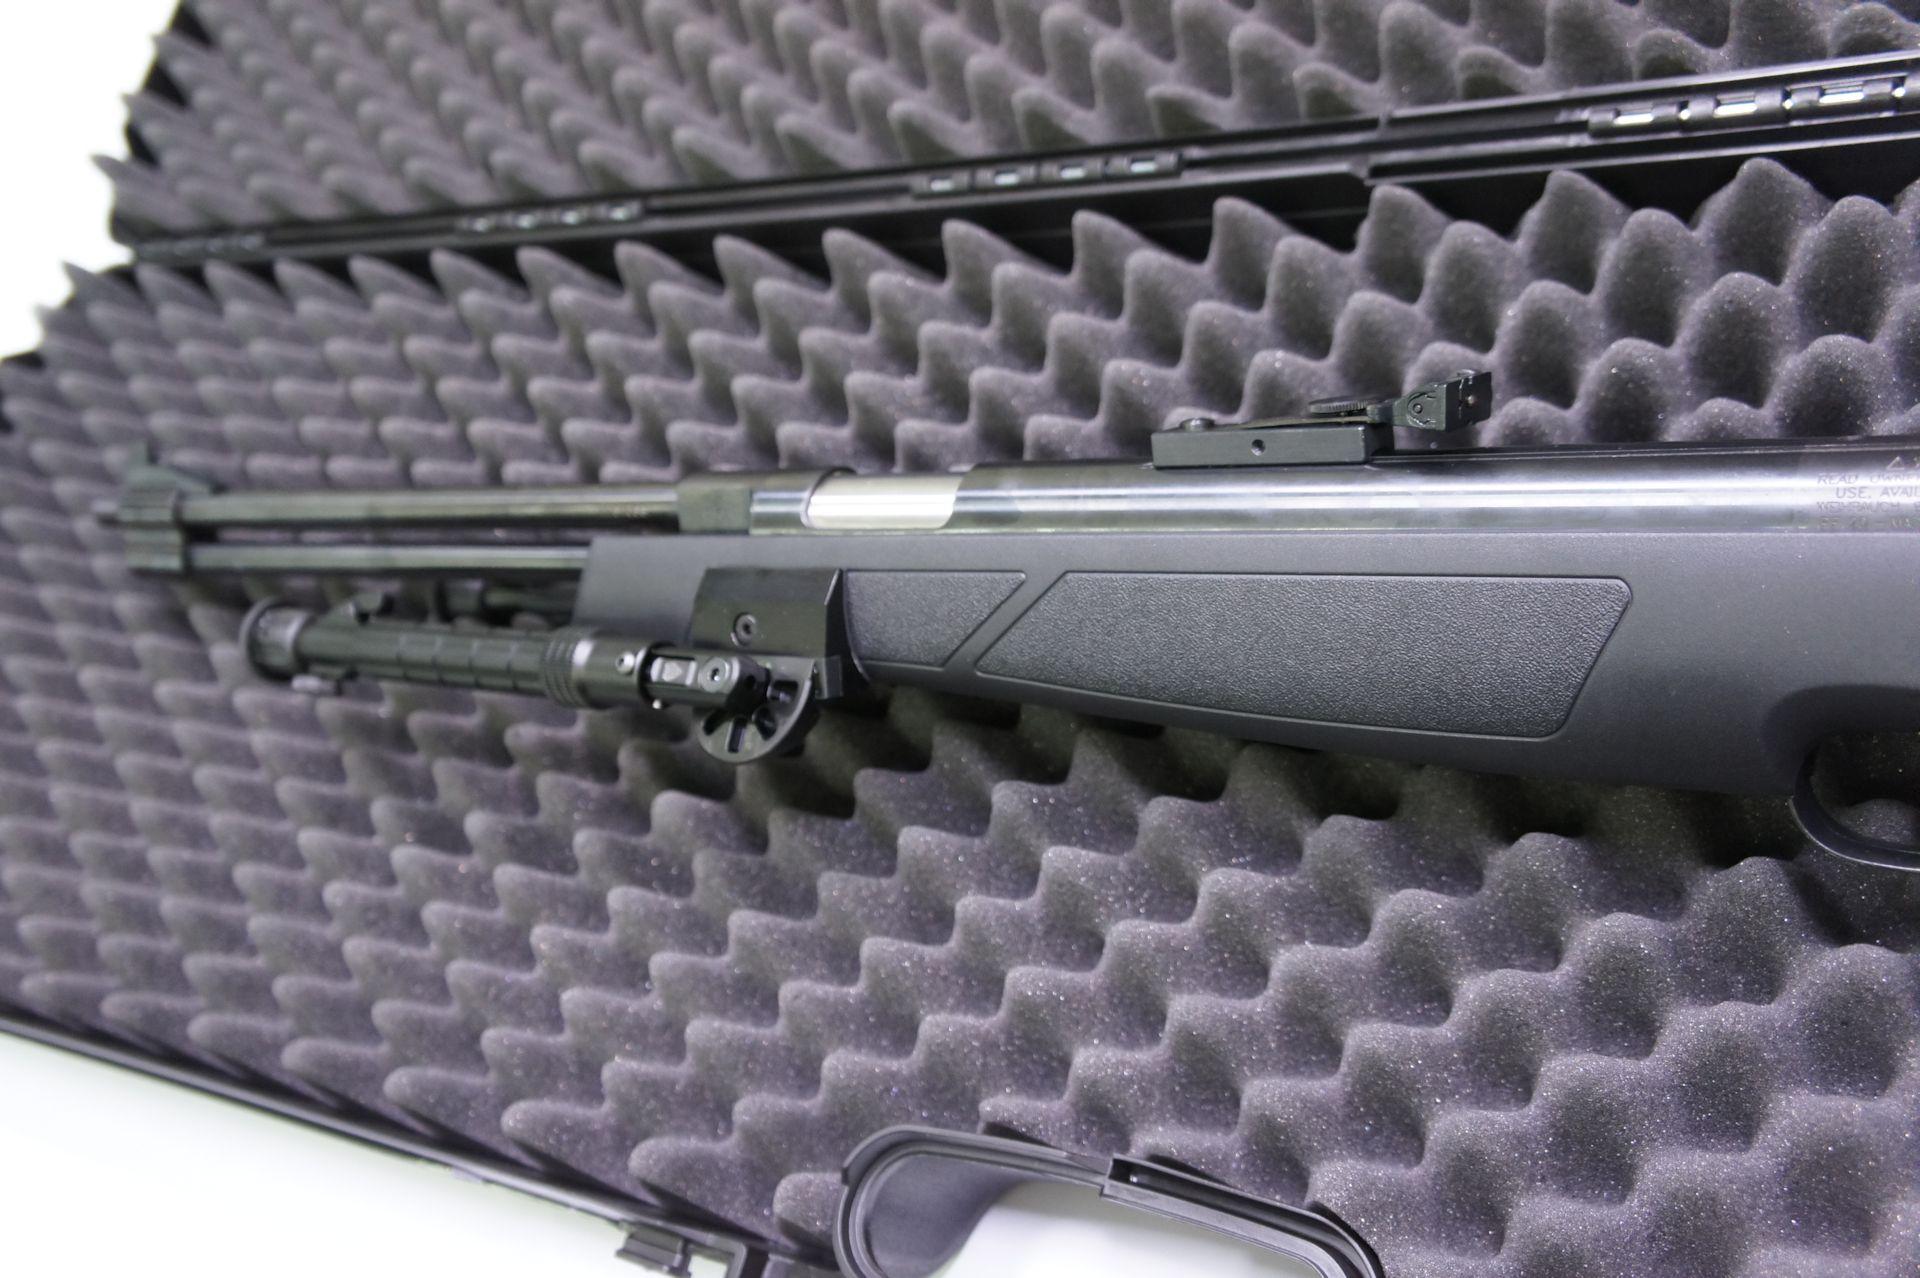 In diesen Koffer passt auch so ein <a href=11604-45-ks.htm>Luftgewehr HW 77 K sd </a> mit <a href=1165801.htm>seitlichem Zweibein</a>